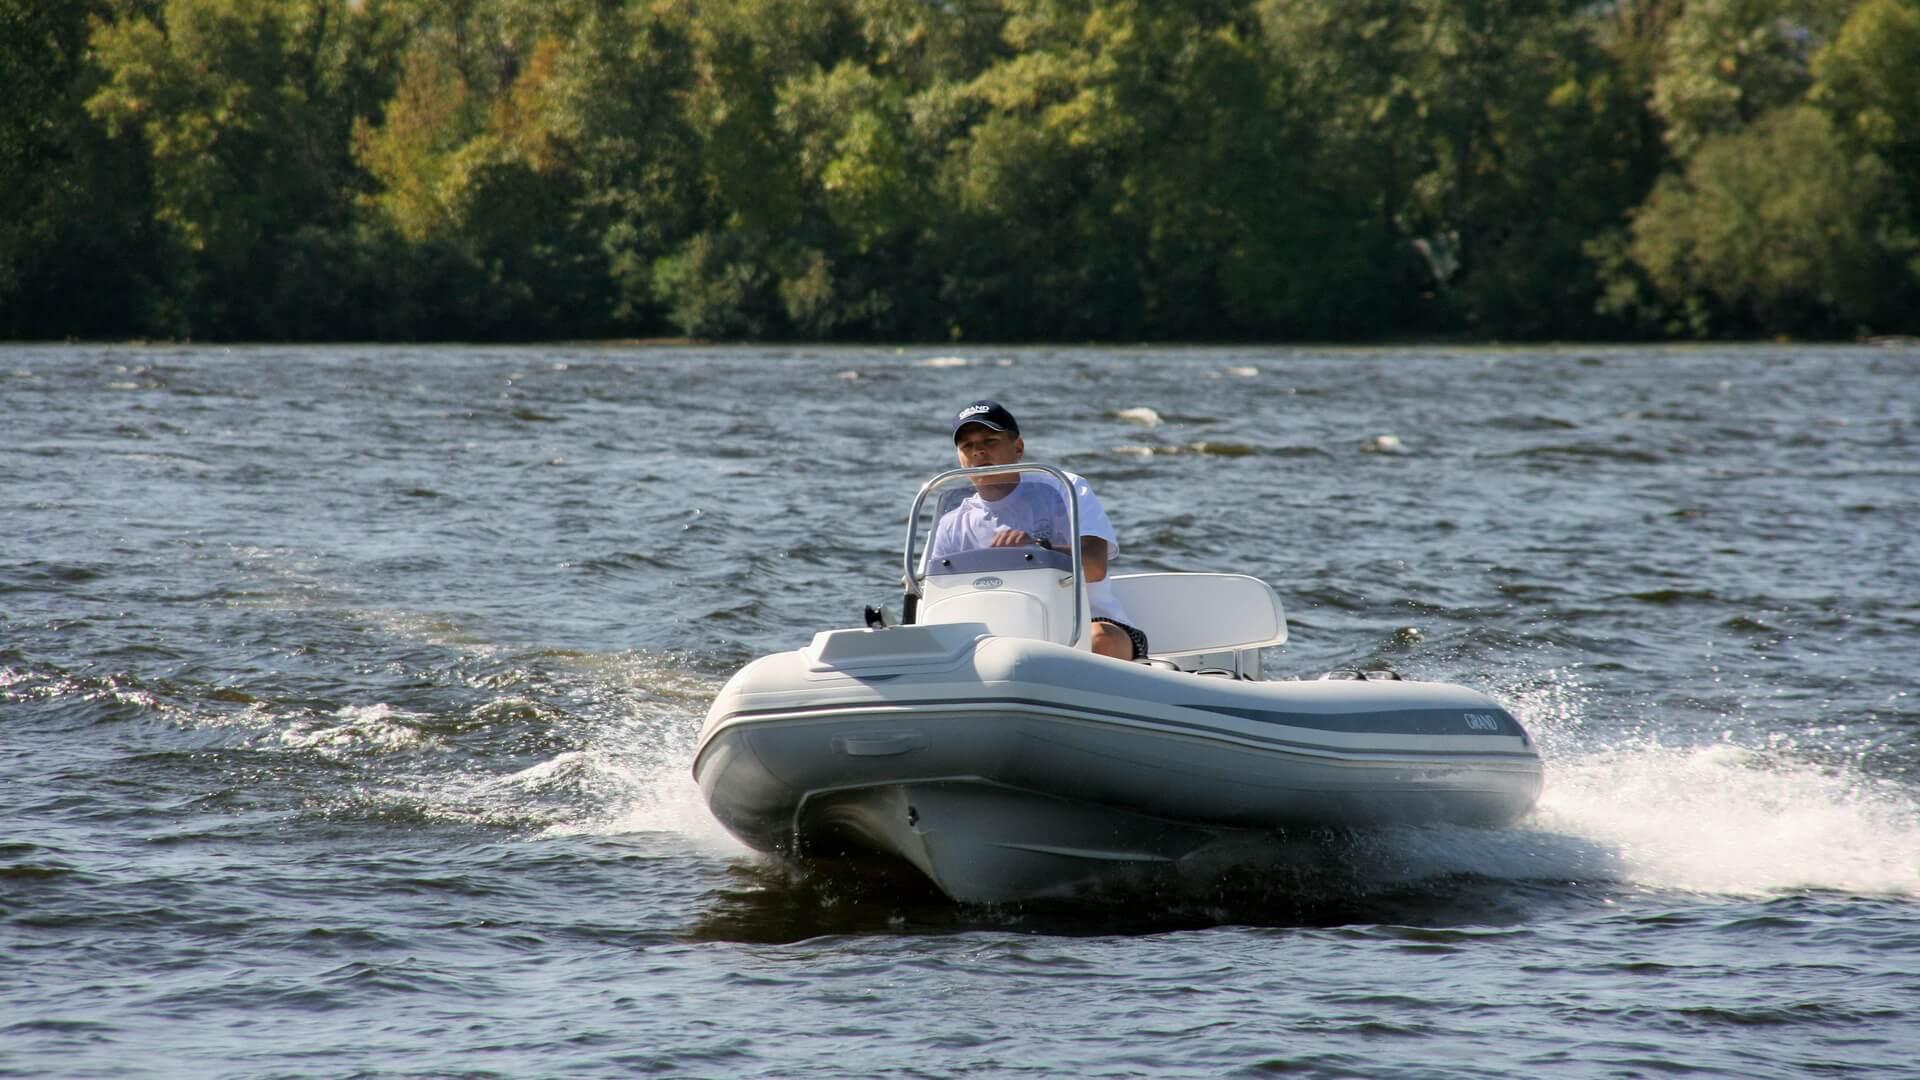 Надувная лодка с жестким дном GRAND Silver Line S370NL, Надувная лодка GRAND Silver Line S370NL, GRAND Silver Line S370NL, GRAND Silver Line S370NLF, GRAND S370NL, GRAND S370NLF, GRAND S370, Надувная лодка GRAND, Надувная лодка ГРАНД, Надувная лодка с жестким дном, RIB, Rigid Inflatable Boats